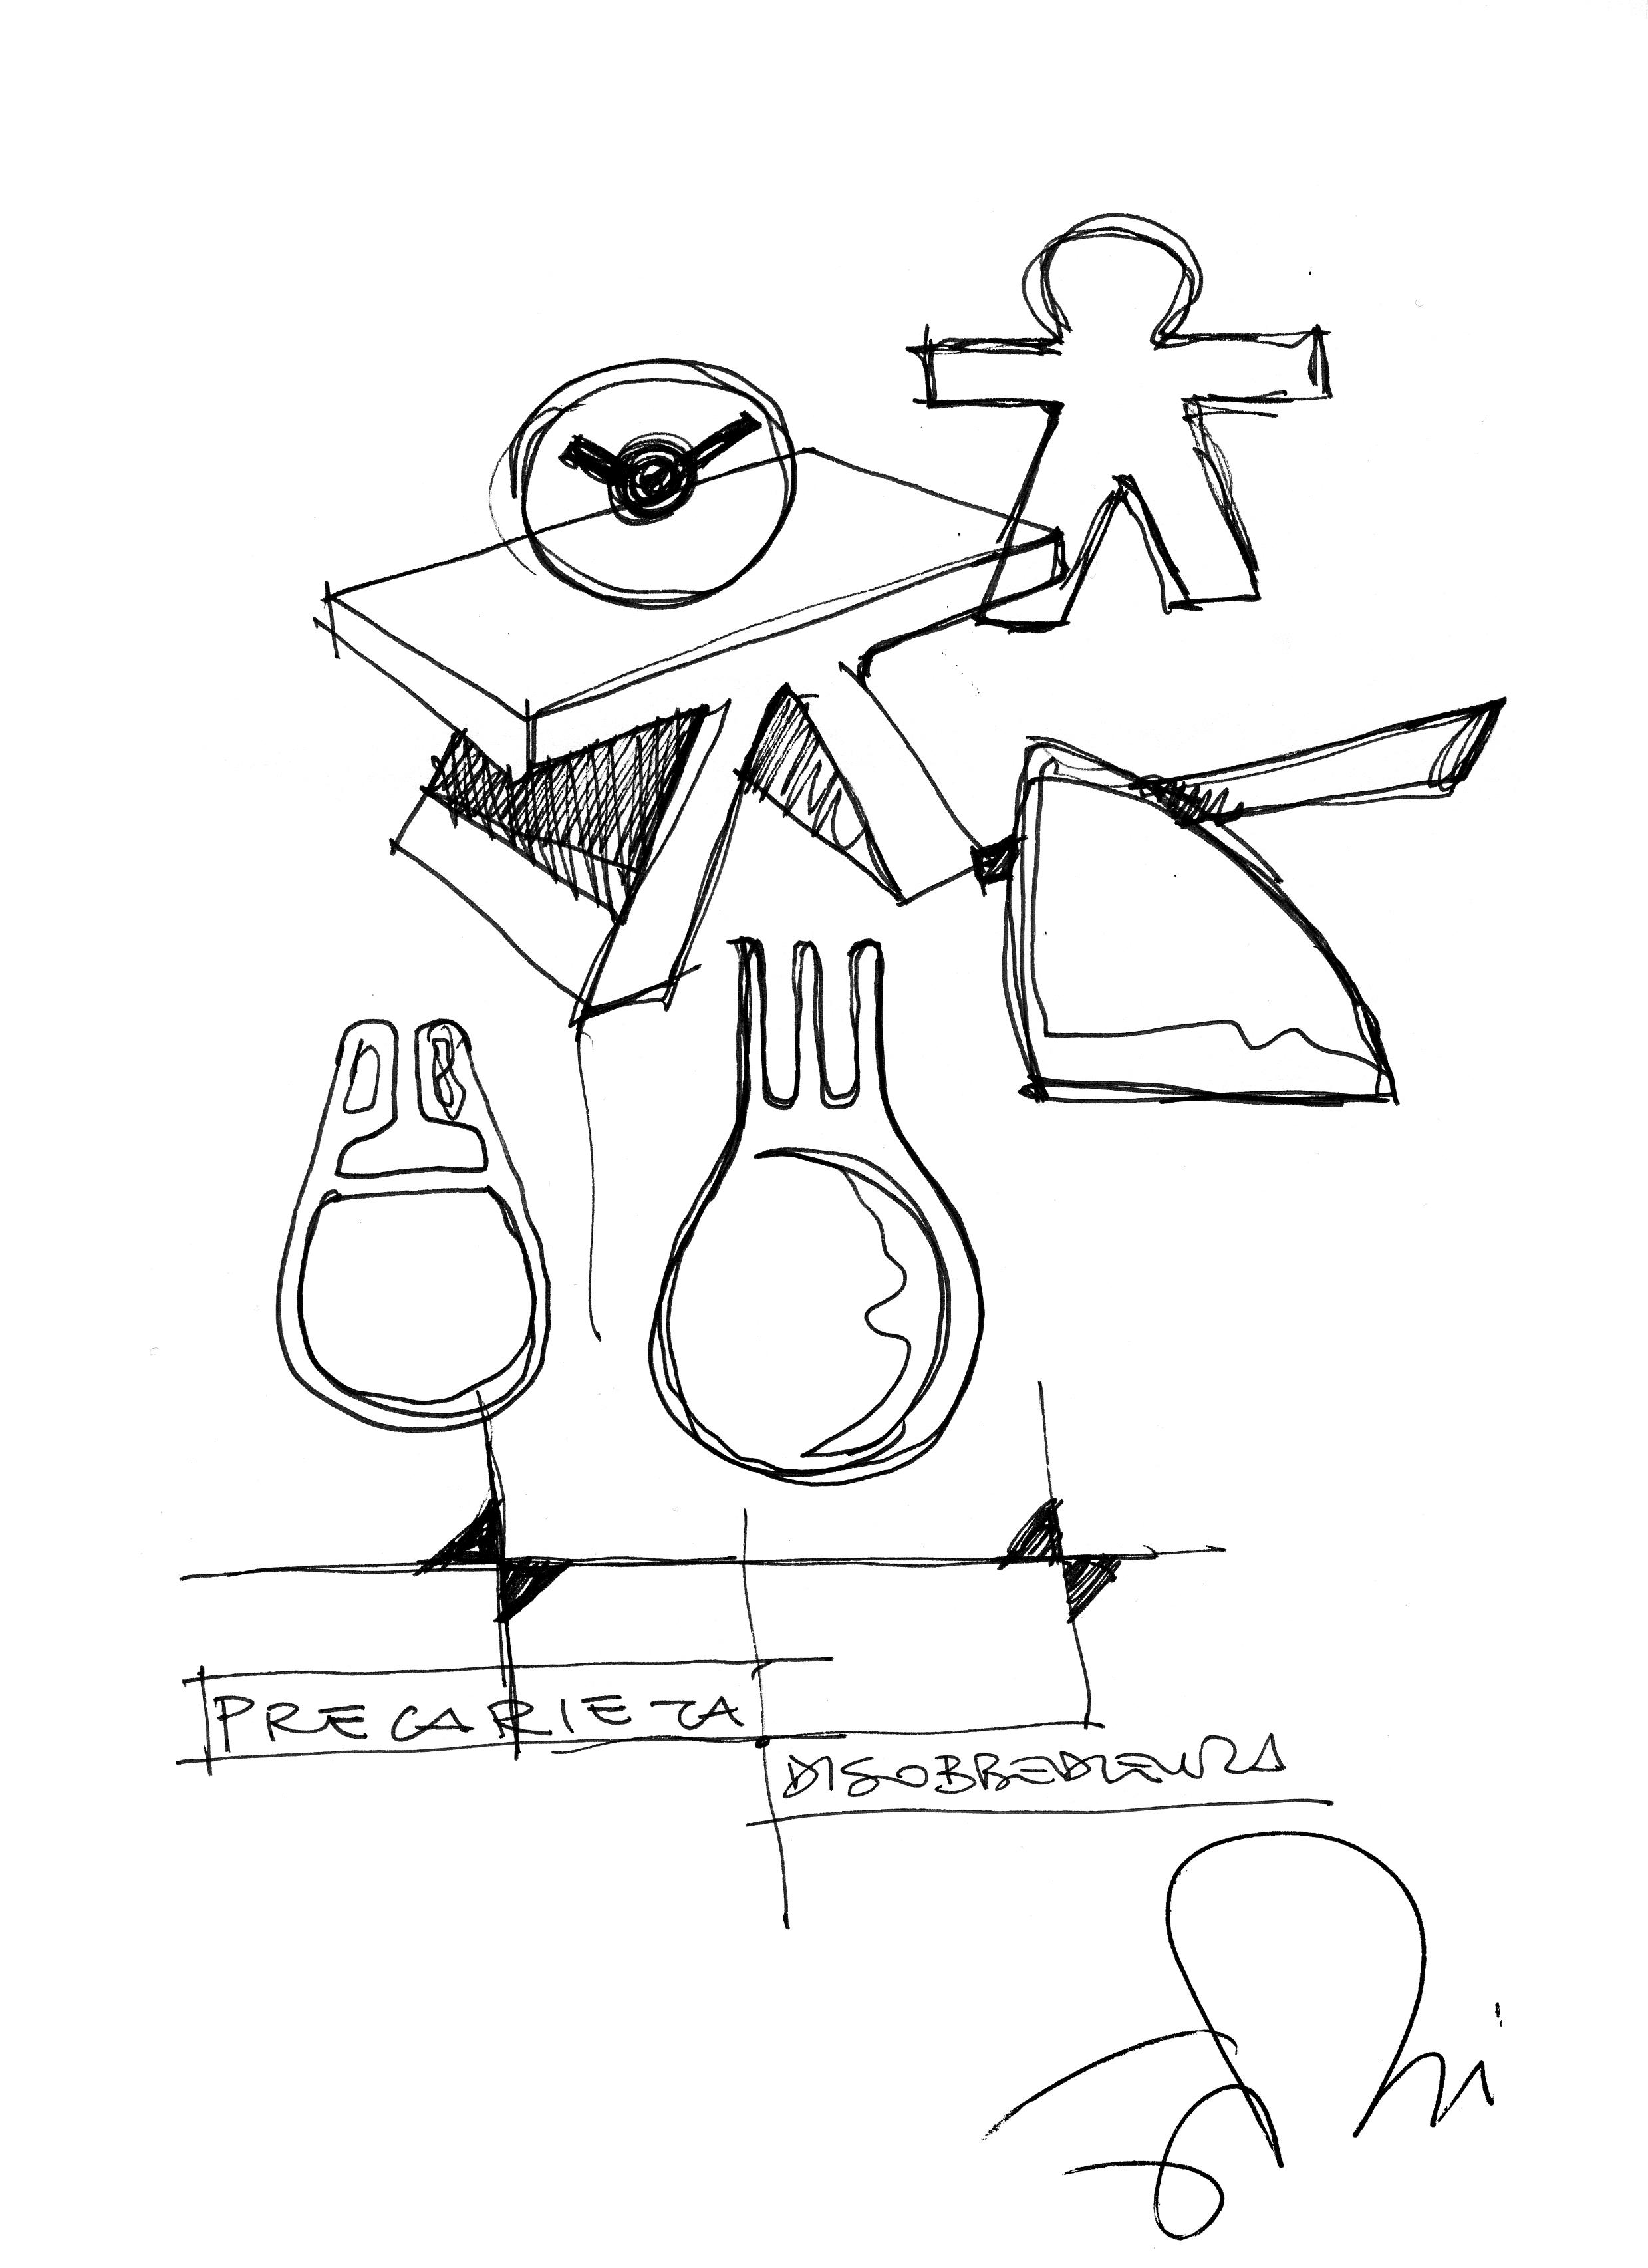 Disegno Iacchetti 1